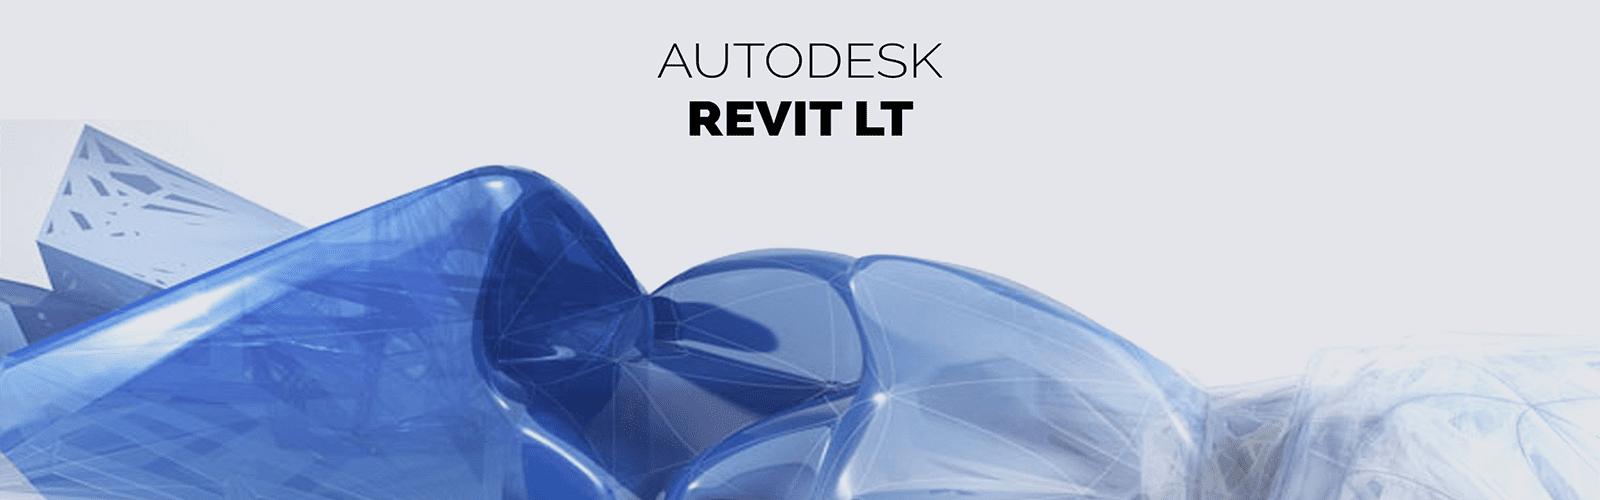 Autodesk-Revit-Licencias-Venta-Suscripciones-México